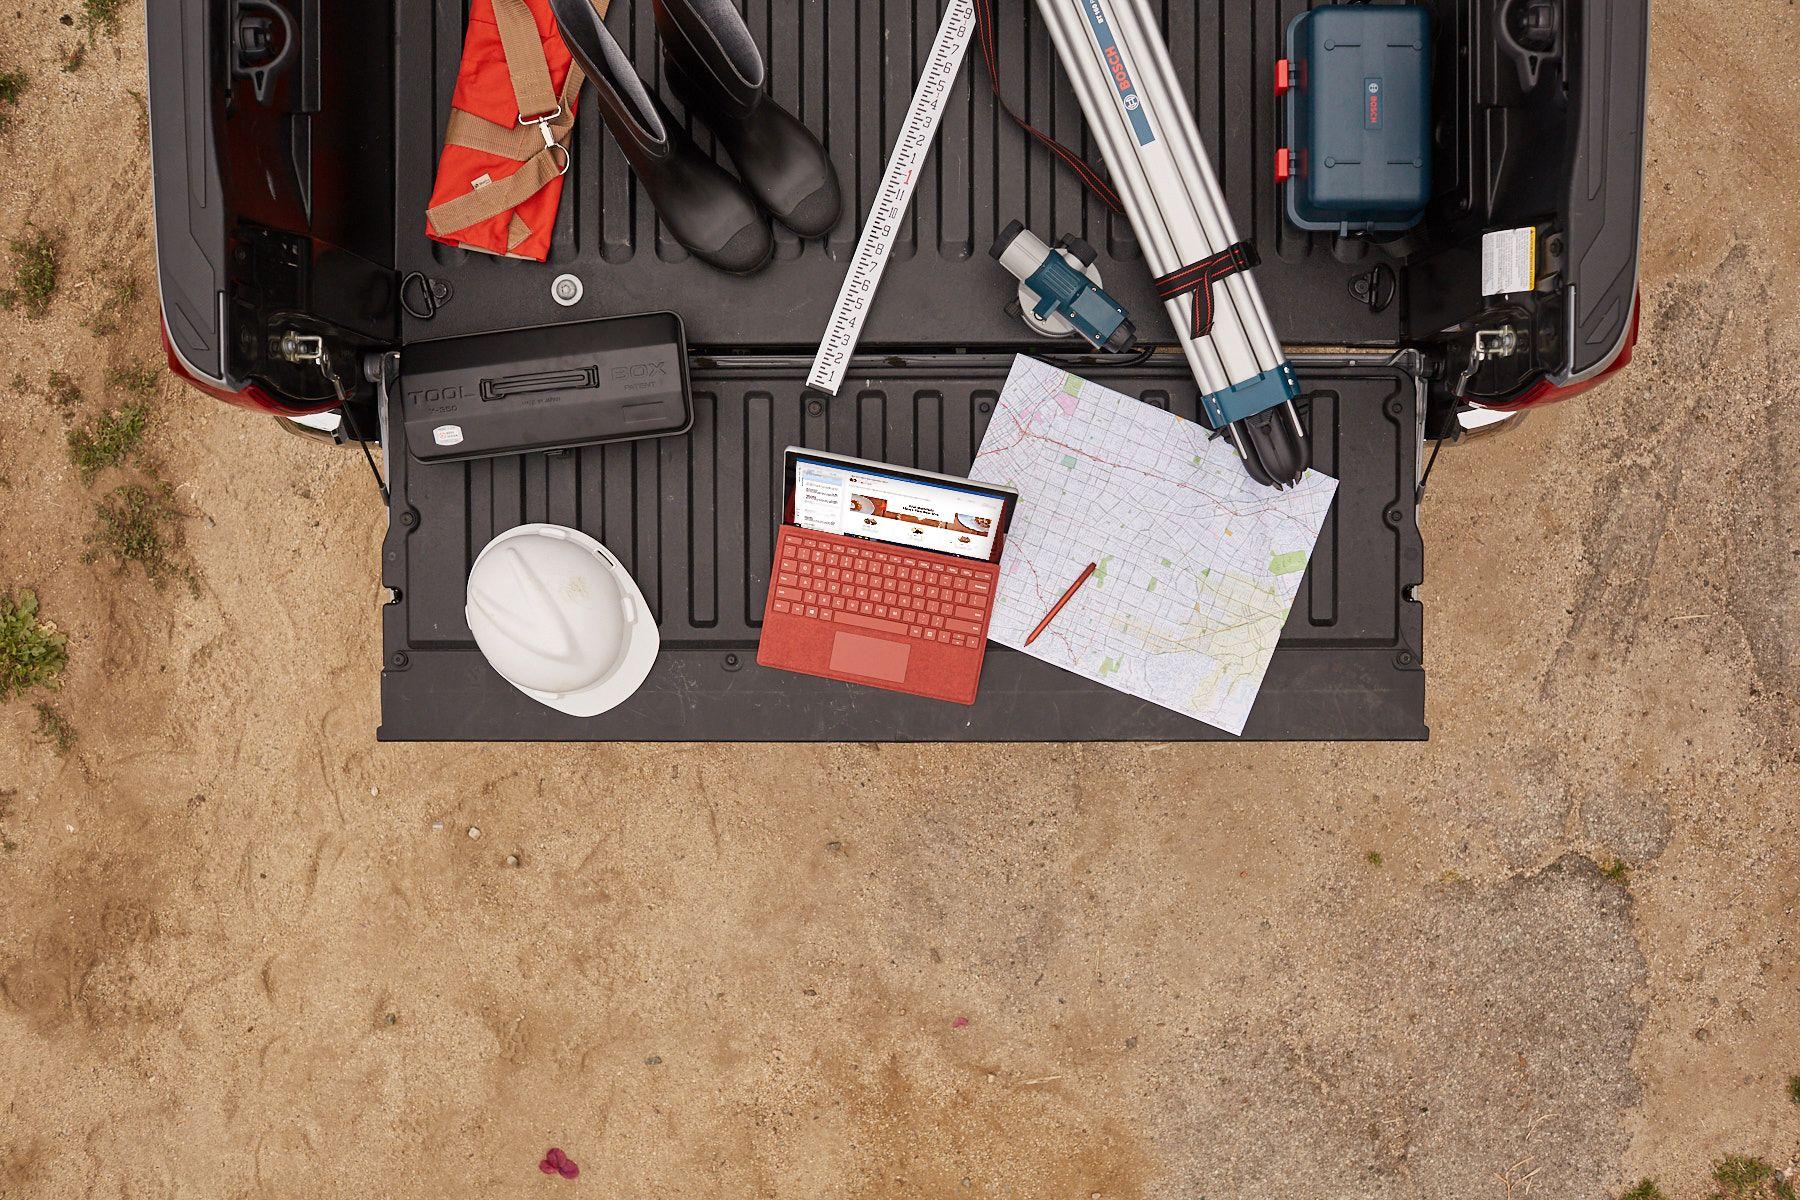 Im Kofferraum eines Pick-ups steht das Surface Pro 7+ inmitten von Werkzeugen